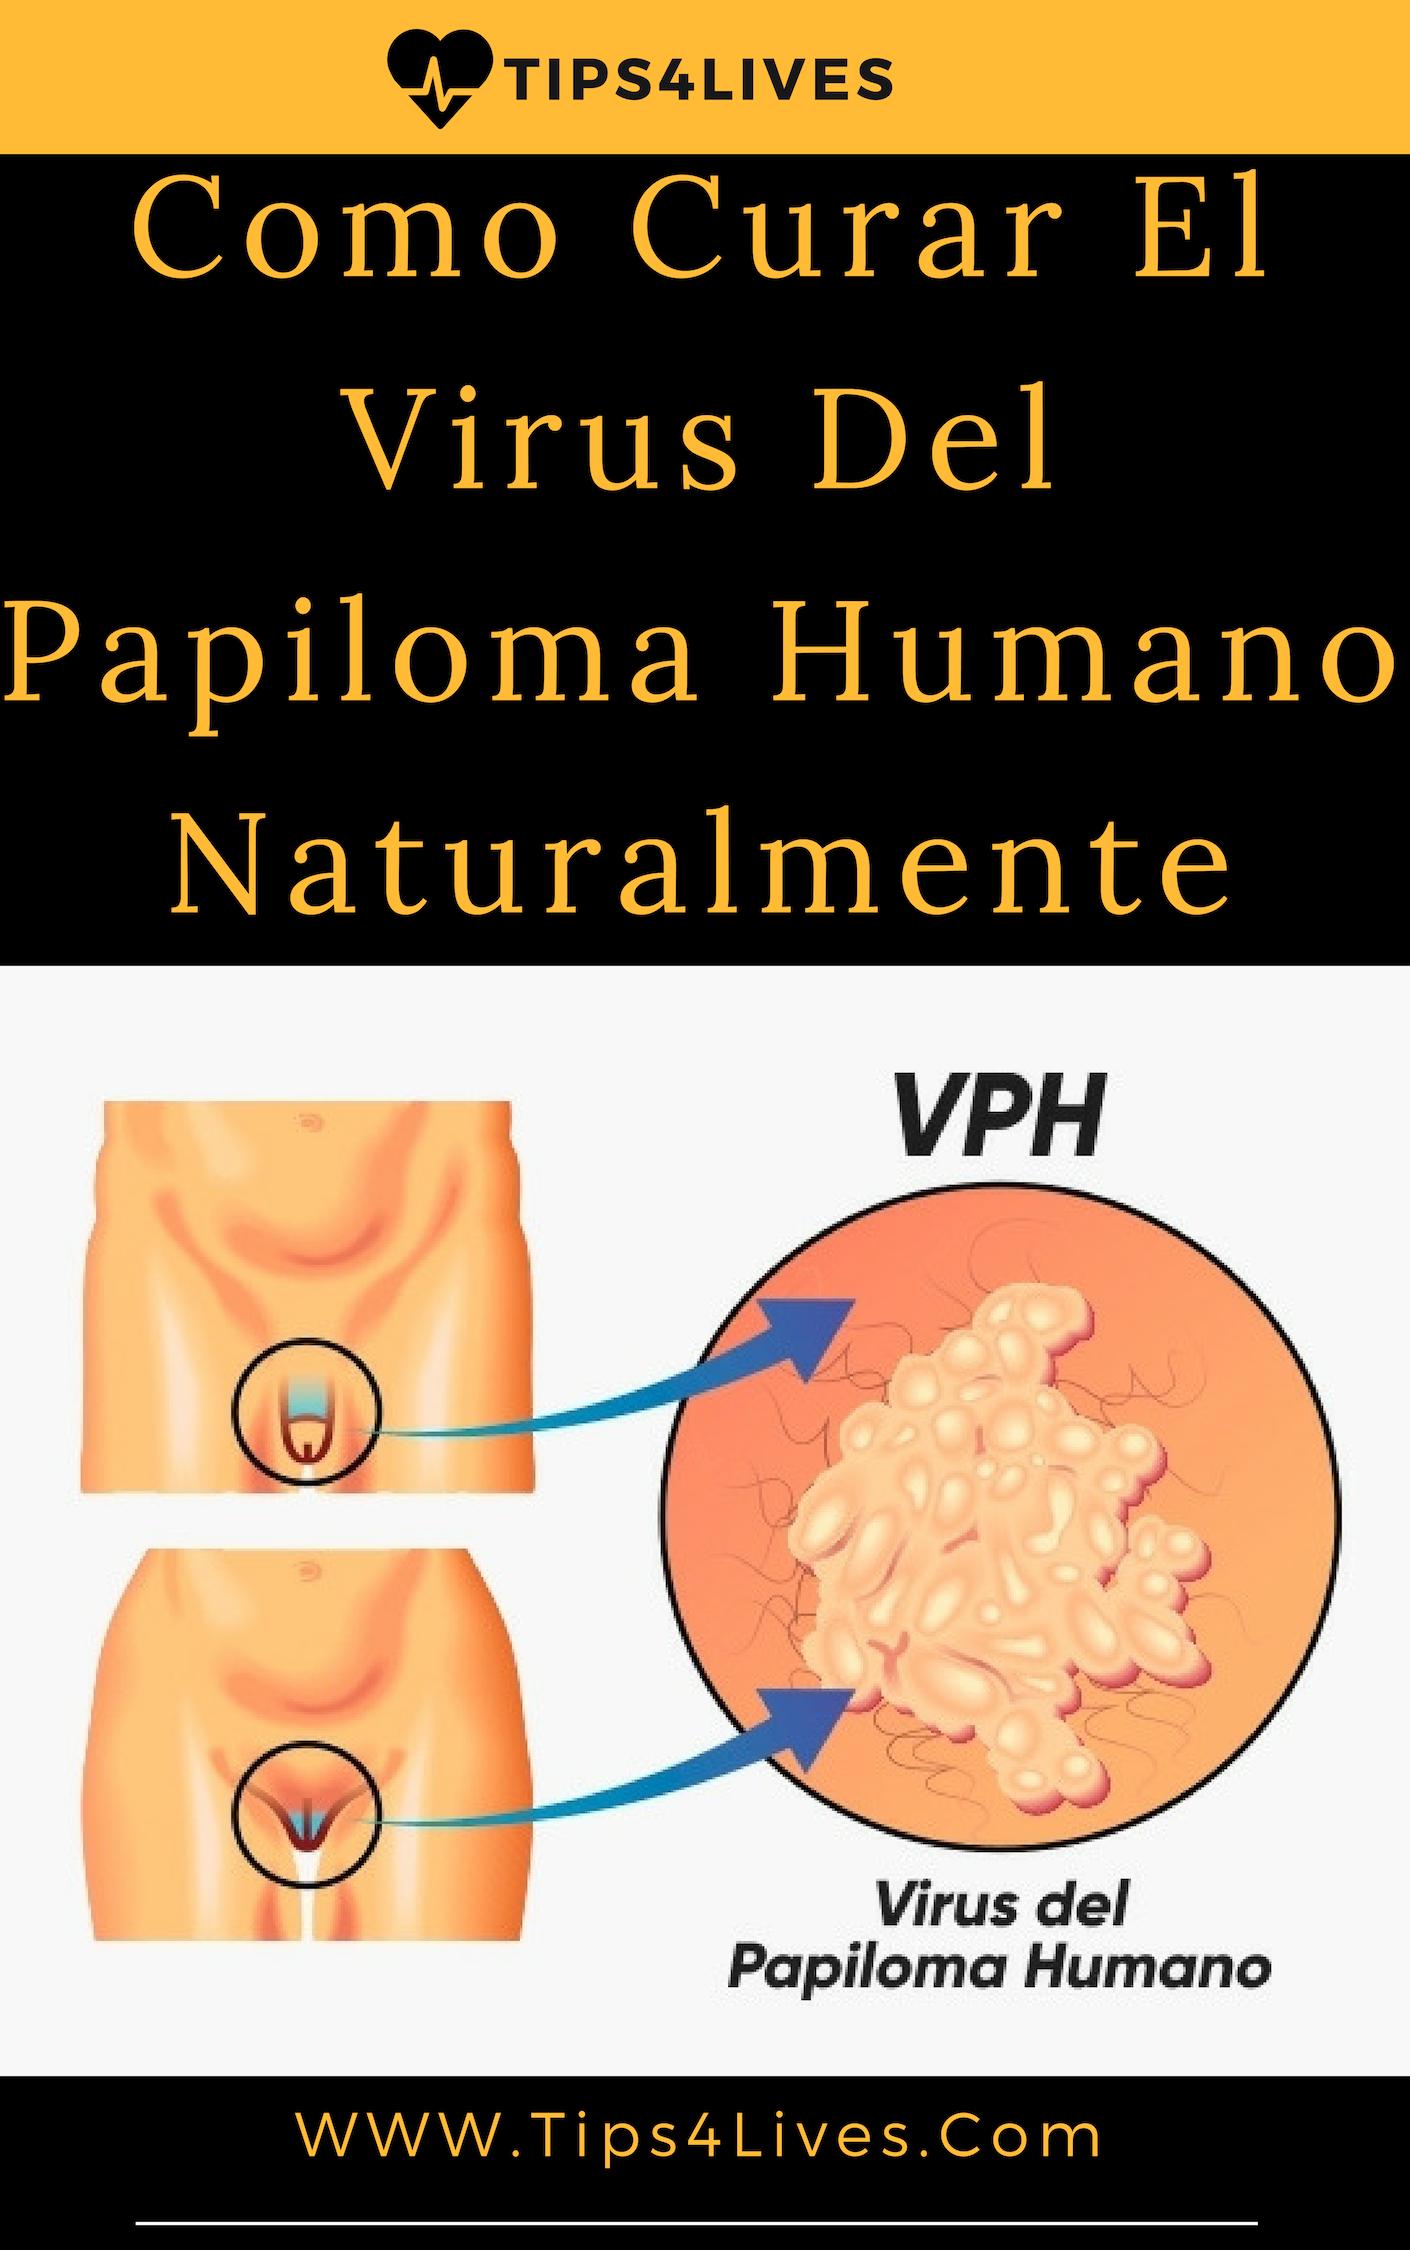 papiloma humano genital tiene cura coada soricelului pt parazitii